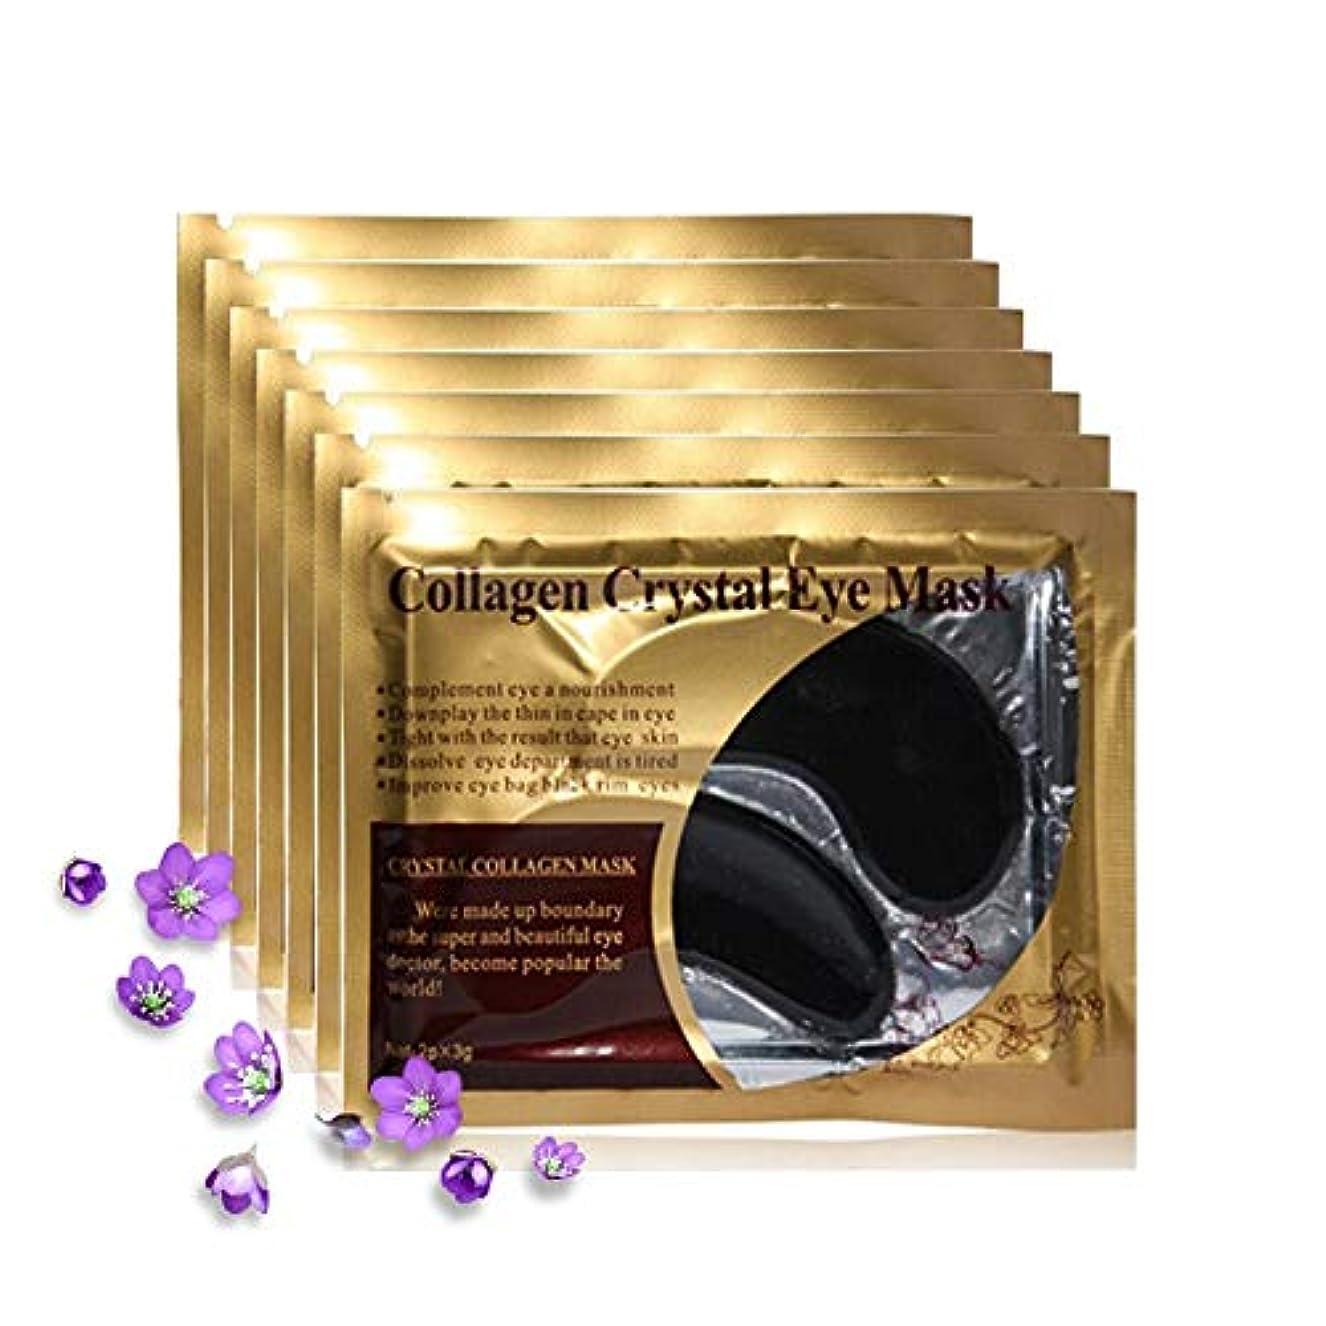 賢明な確かに量美容アクセサリー 5パック/ 10個入りブラックアイマスククリスタルジェルブラックマスクアイズダークサークル用消毒剤エイジレスモイスチャライジングアイパッチ 写真美容アクセサリー